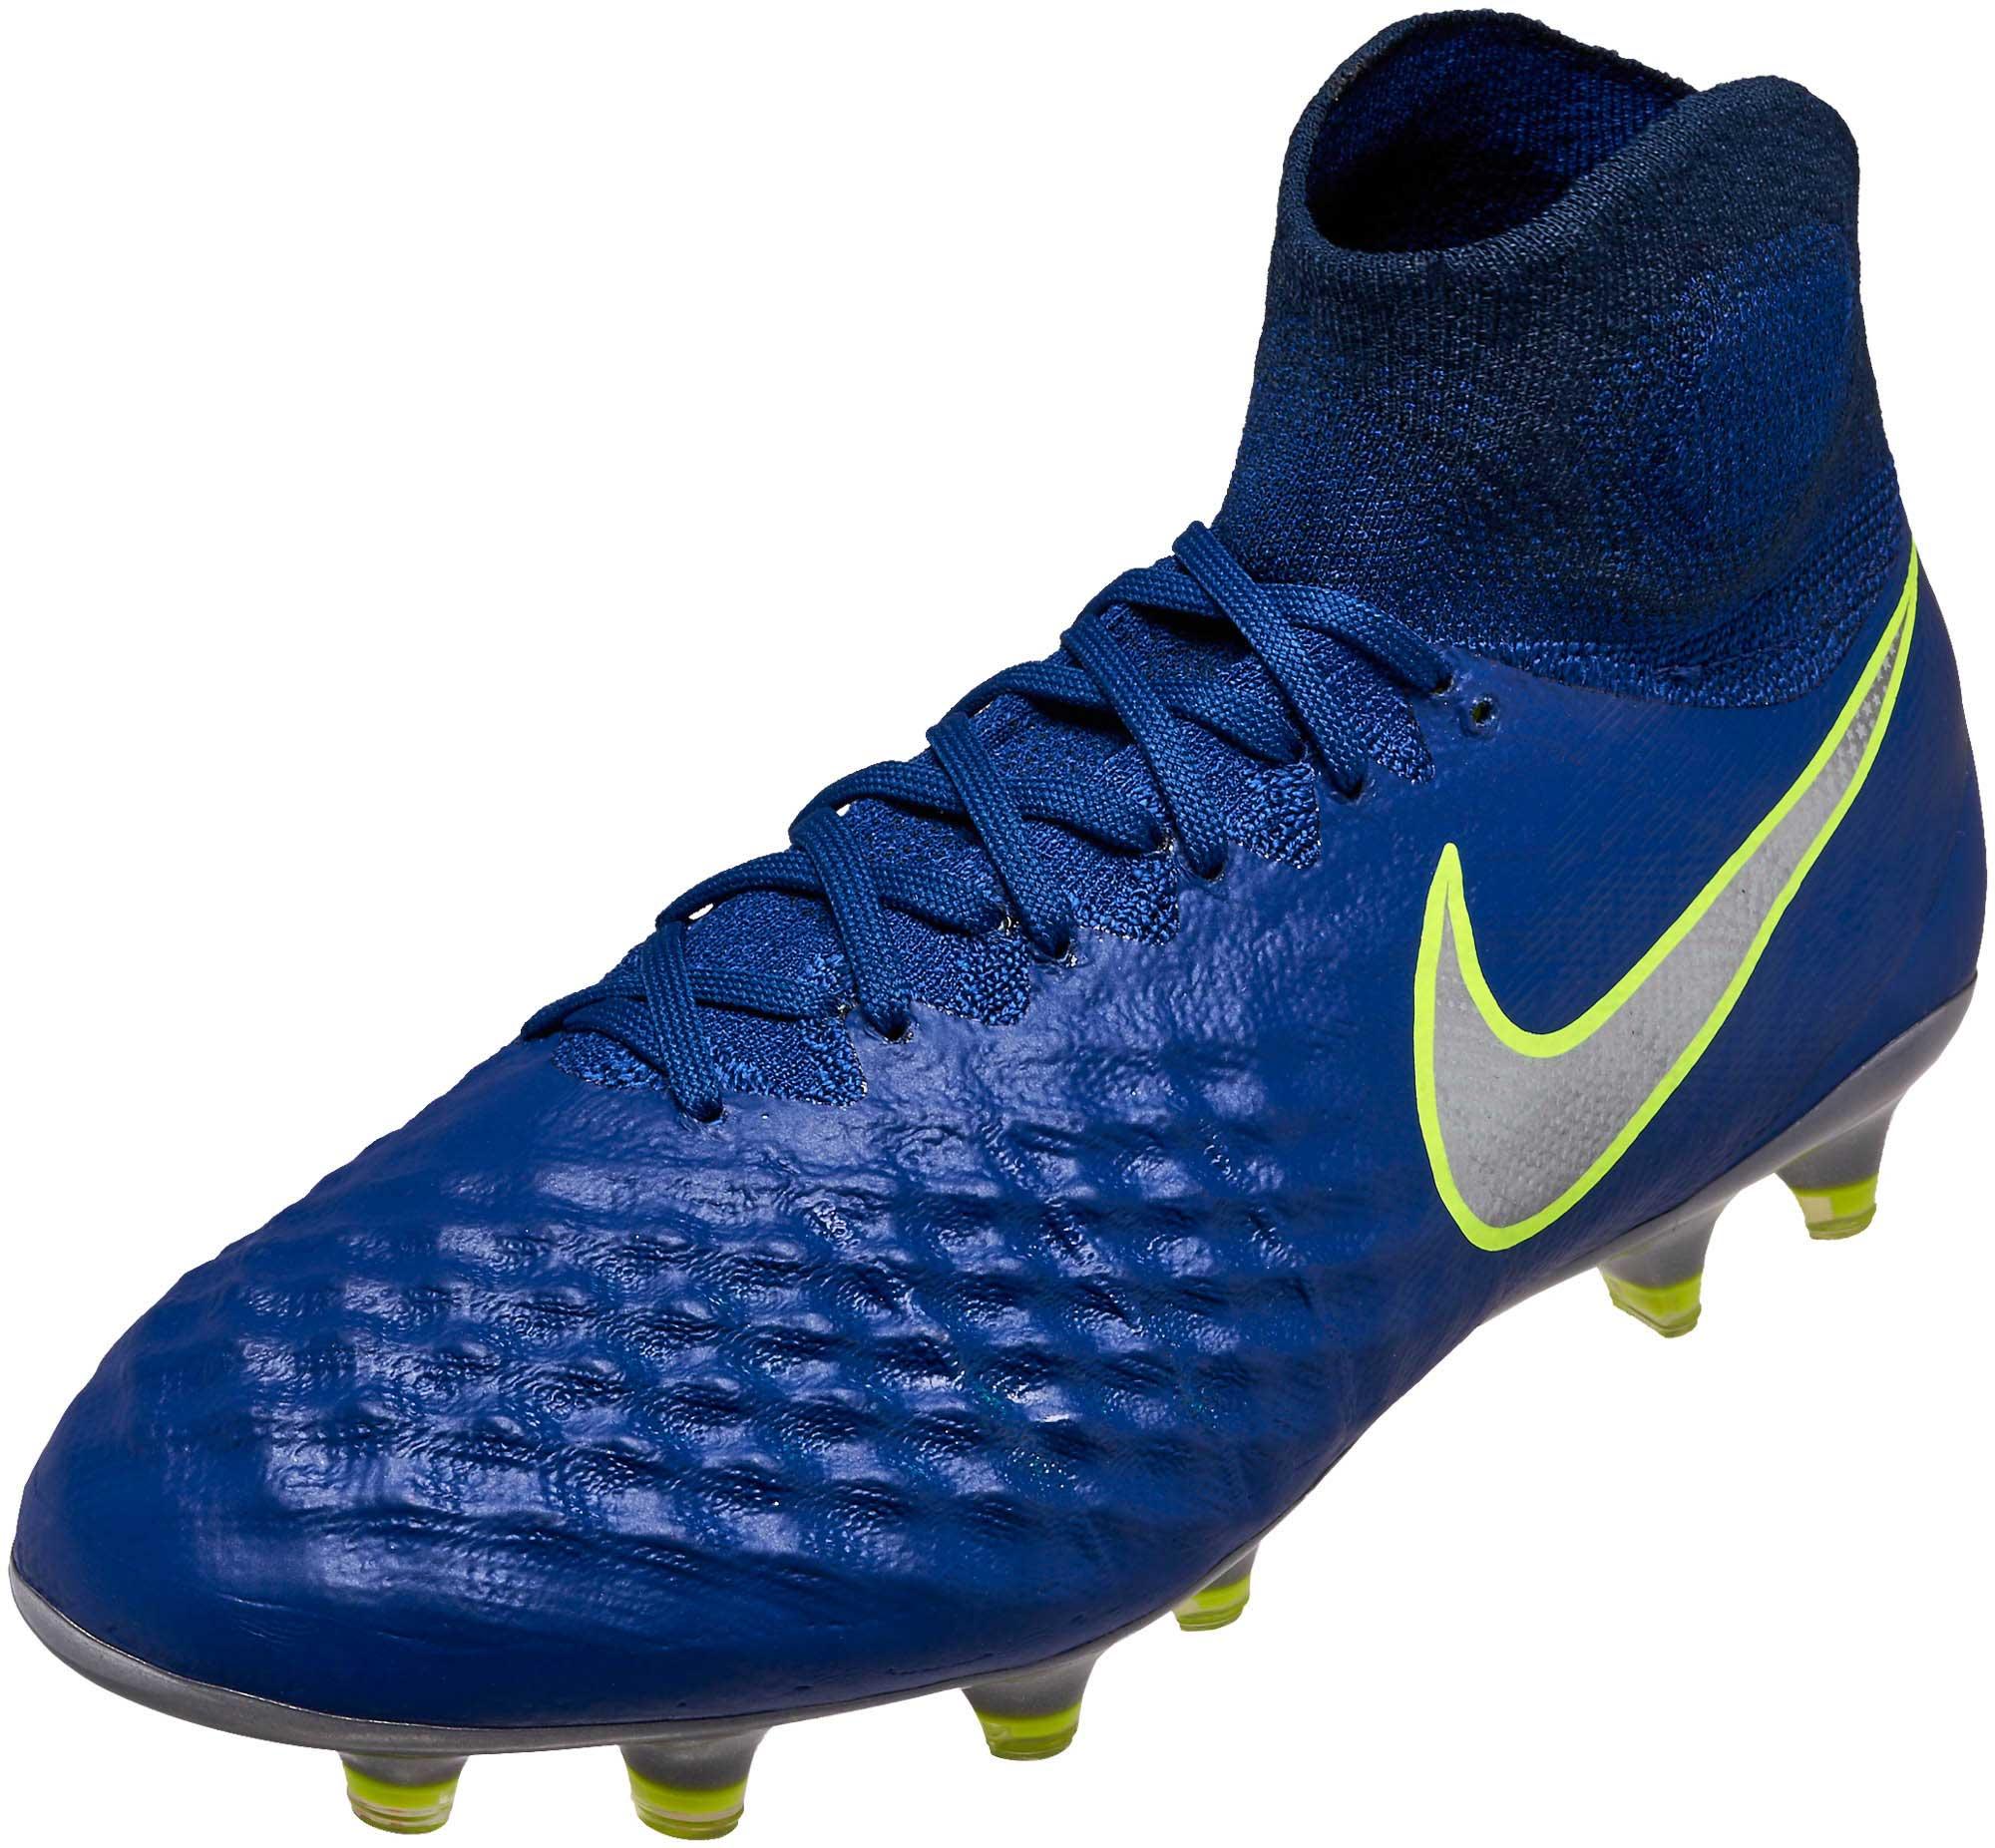 c9a48a6bb Nike Magista Obra II FG - Deep Royal Magista Soccer Cleats